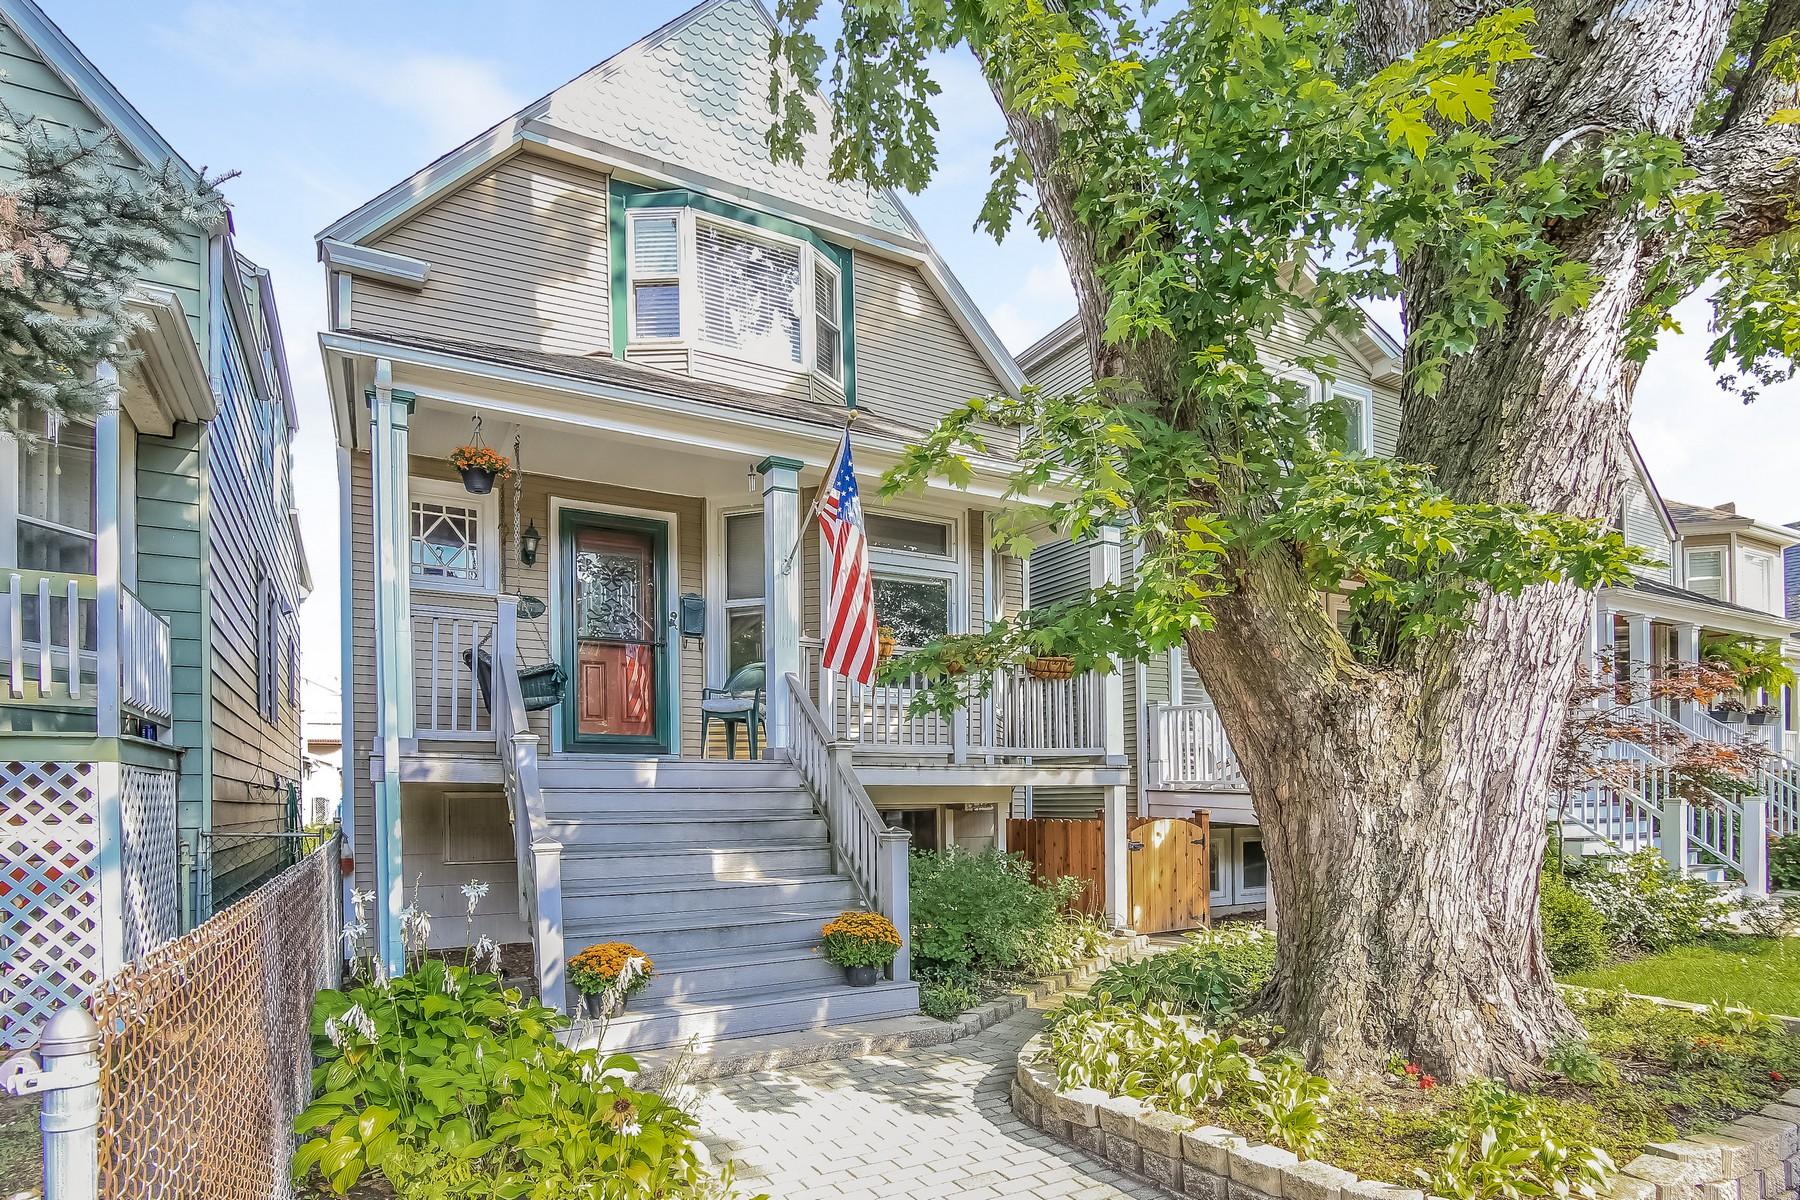 Moradia para Venda às Victorian Cottage 4127 N Claremont North Center, Chicago, Illinois 60618 Estados Unidos